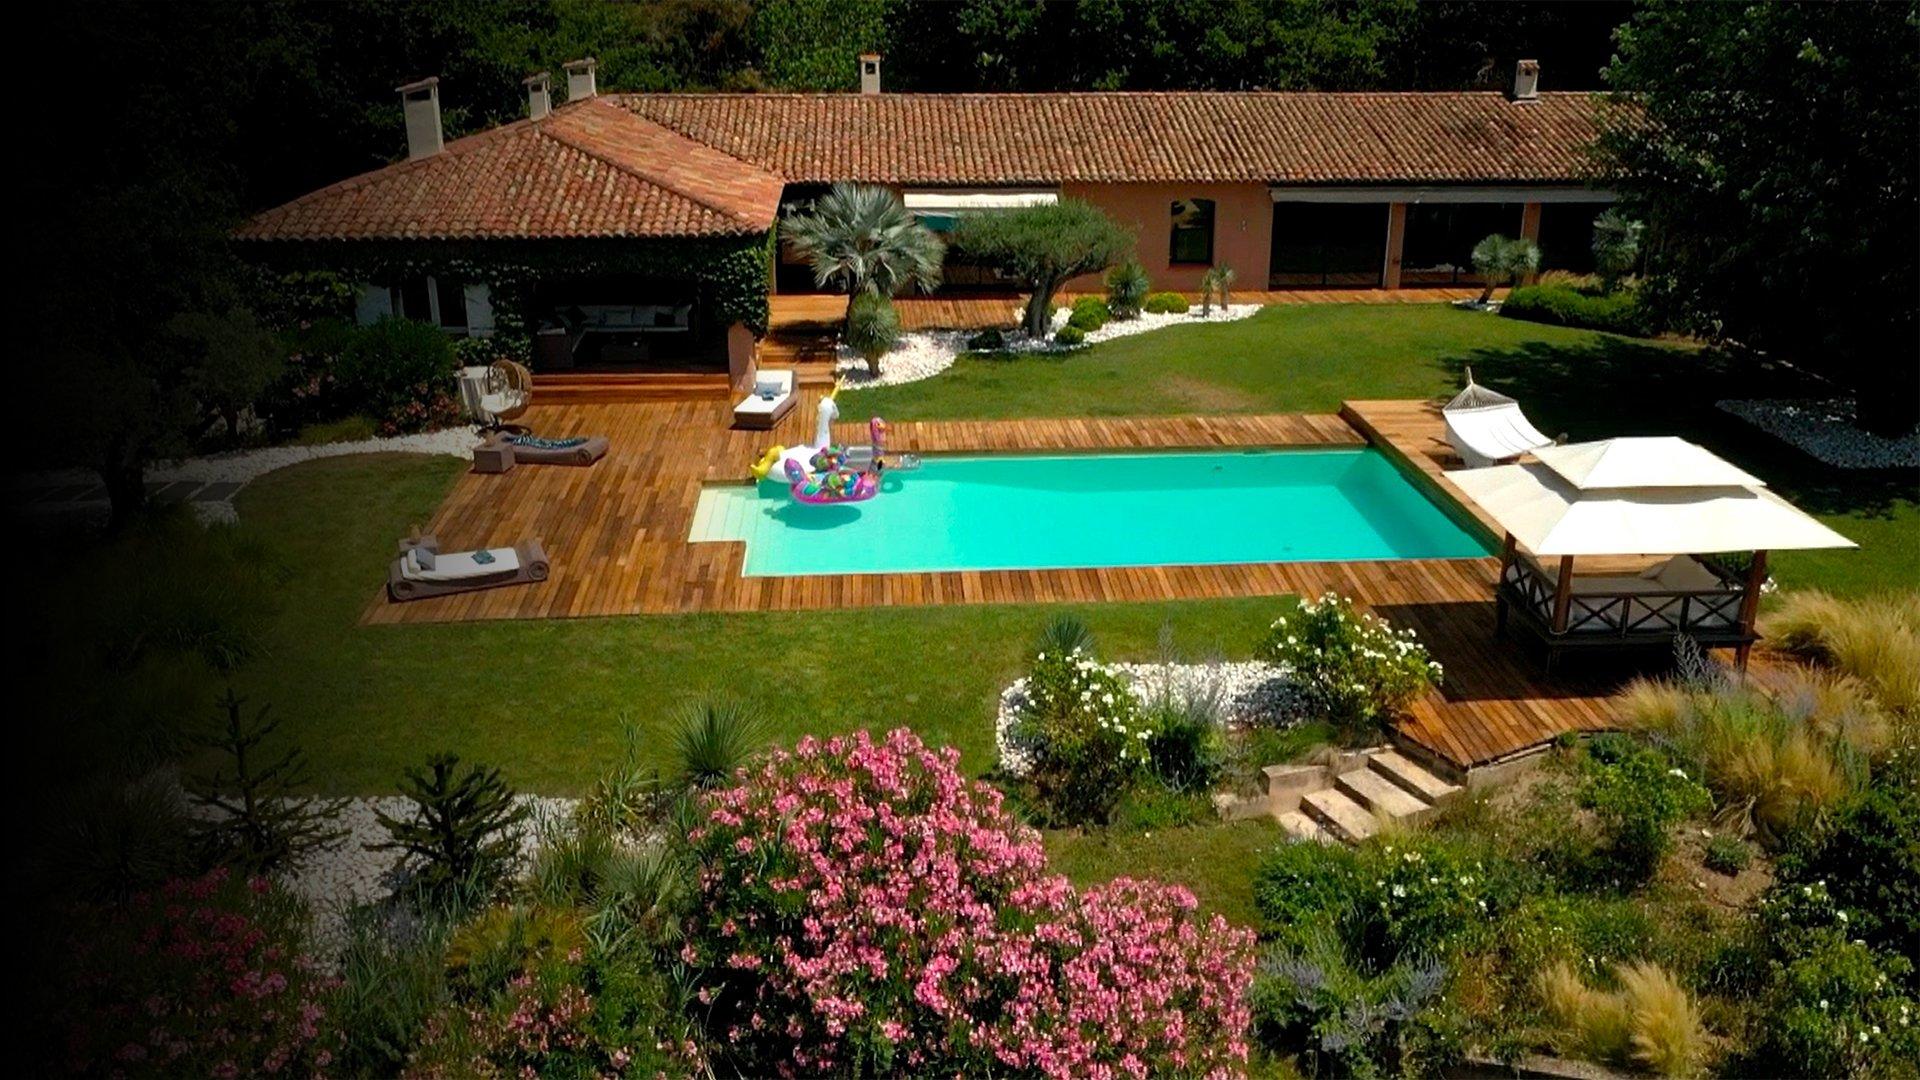 fond EXCLU - Visitez une villa californienne aux accents provençaux